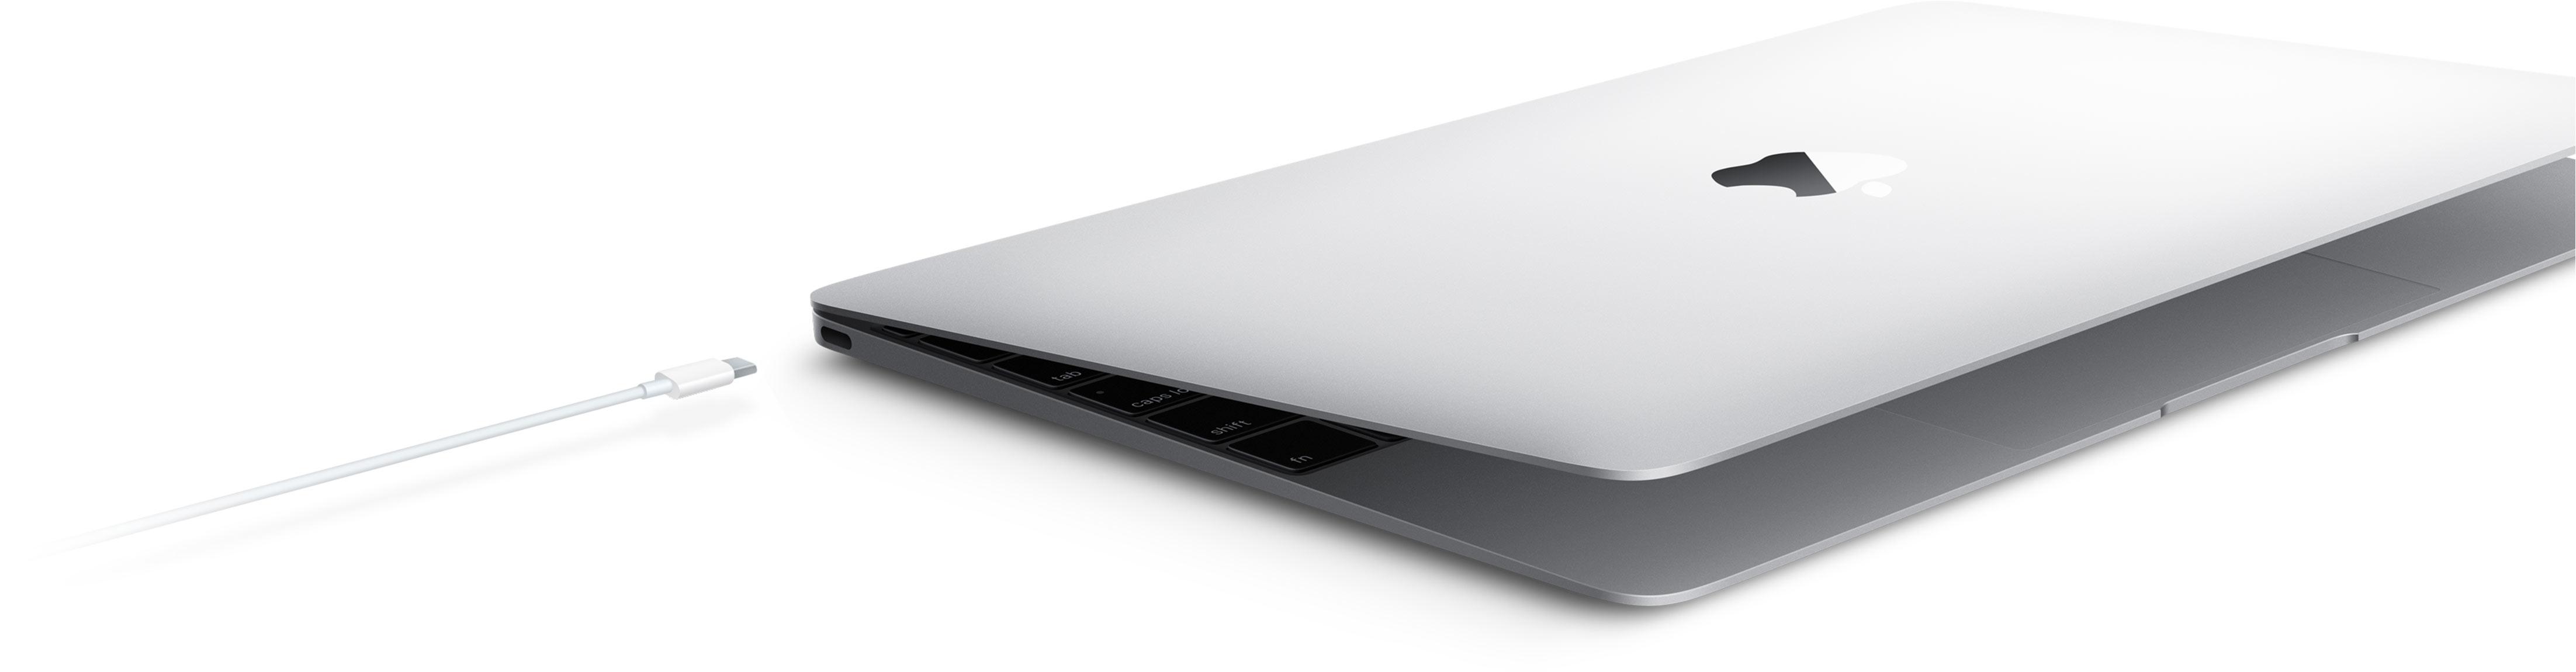 Porta USB-C dos novos MacBooks